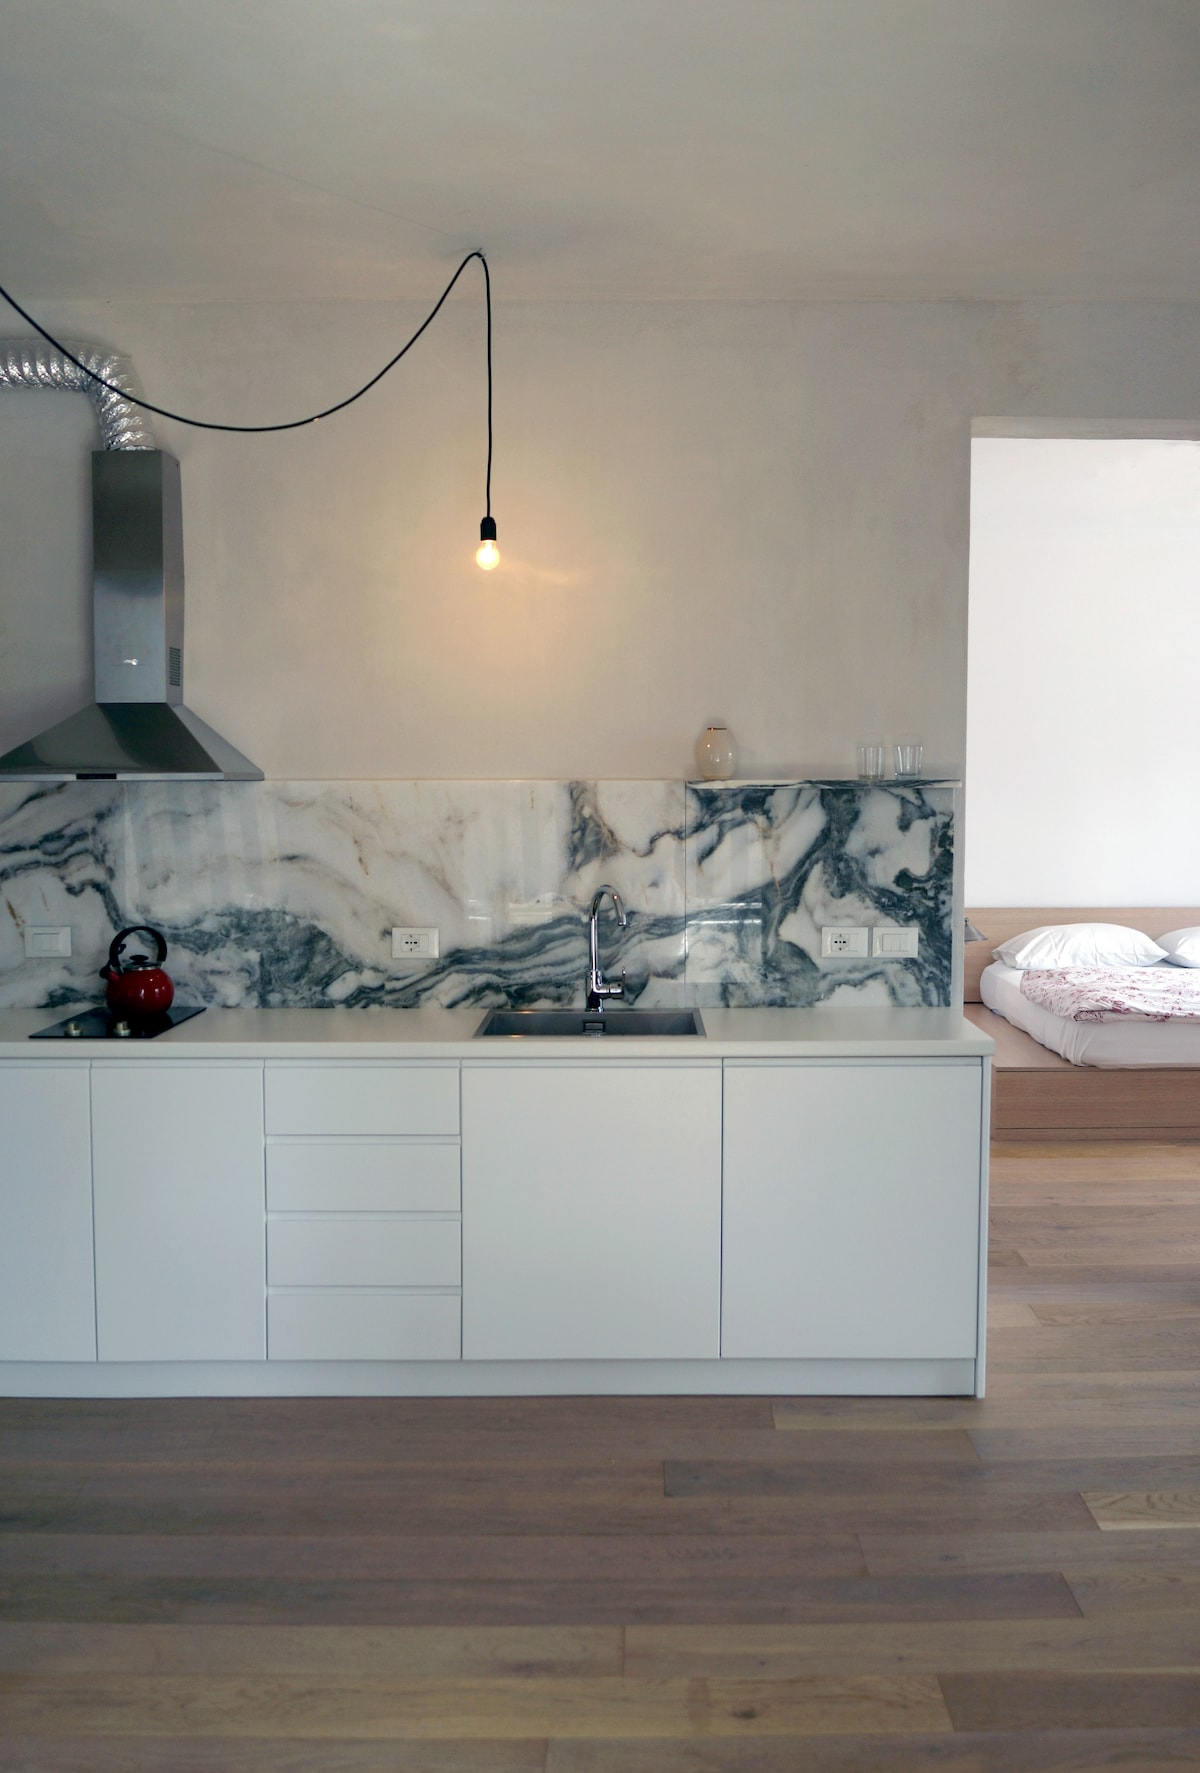 A-Tirana Apartment